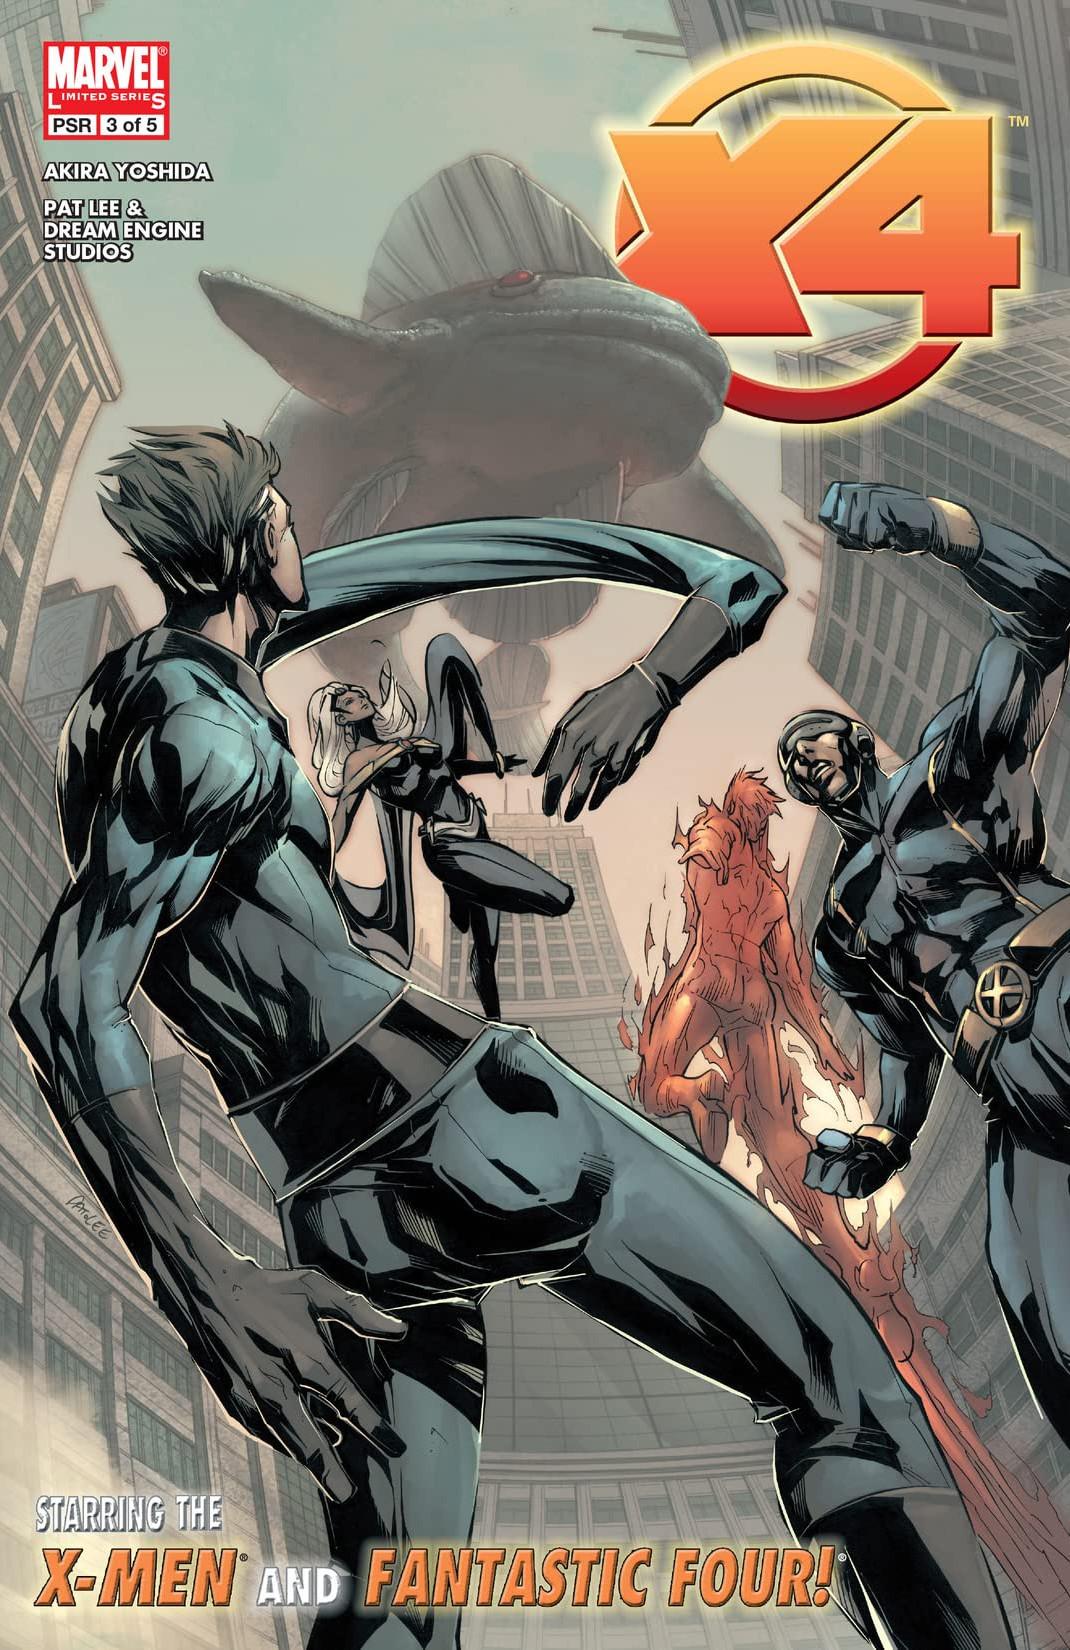 X-Men / Fantastic Four Vol 1 3